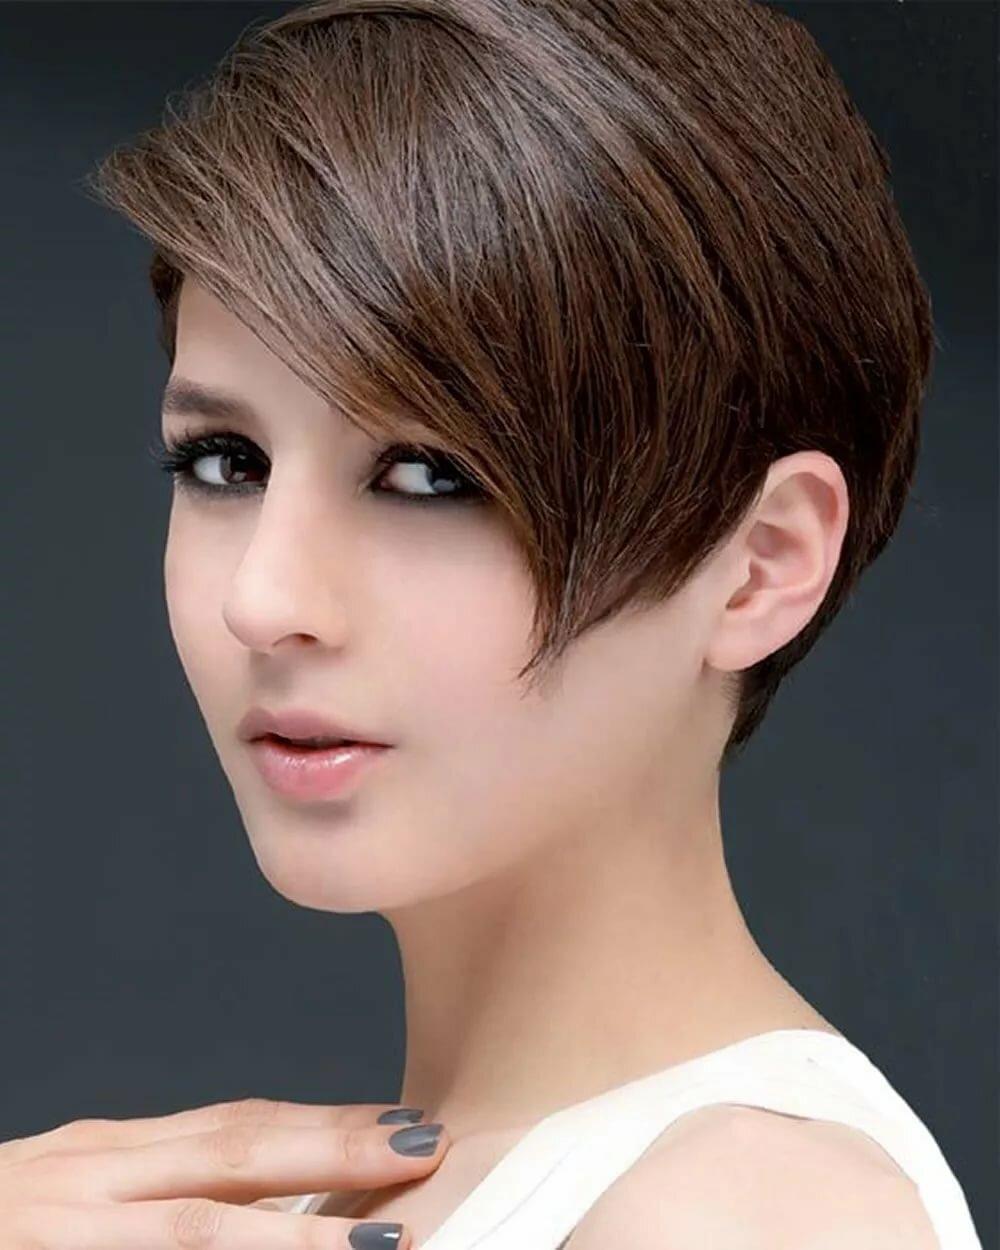 картинки разных стрижек волос некоторых регионах